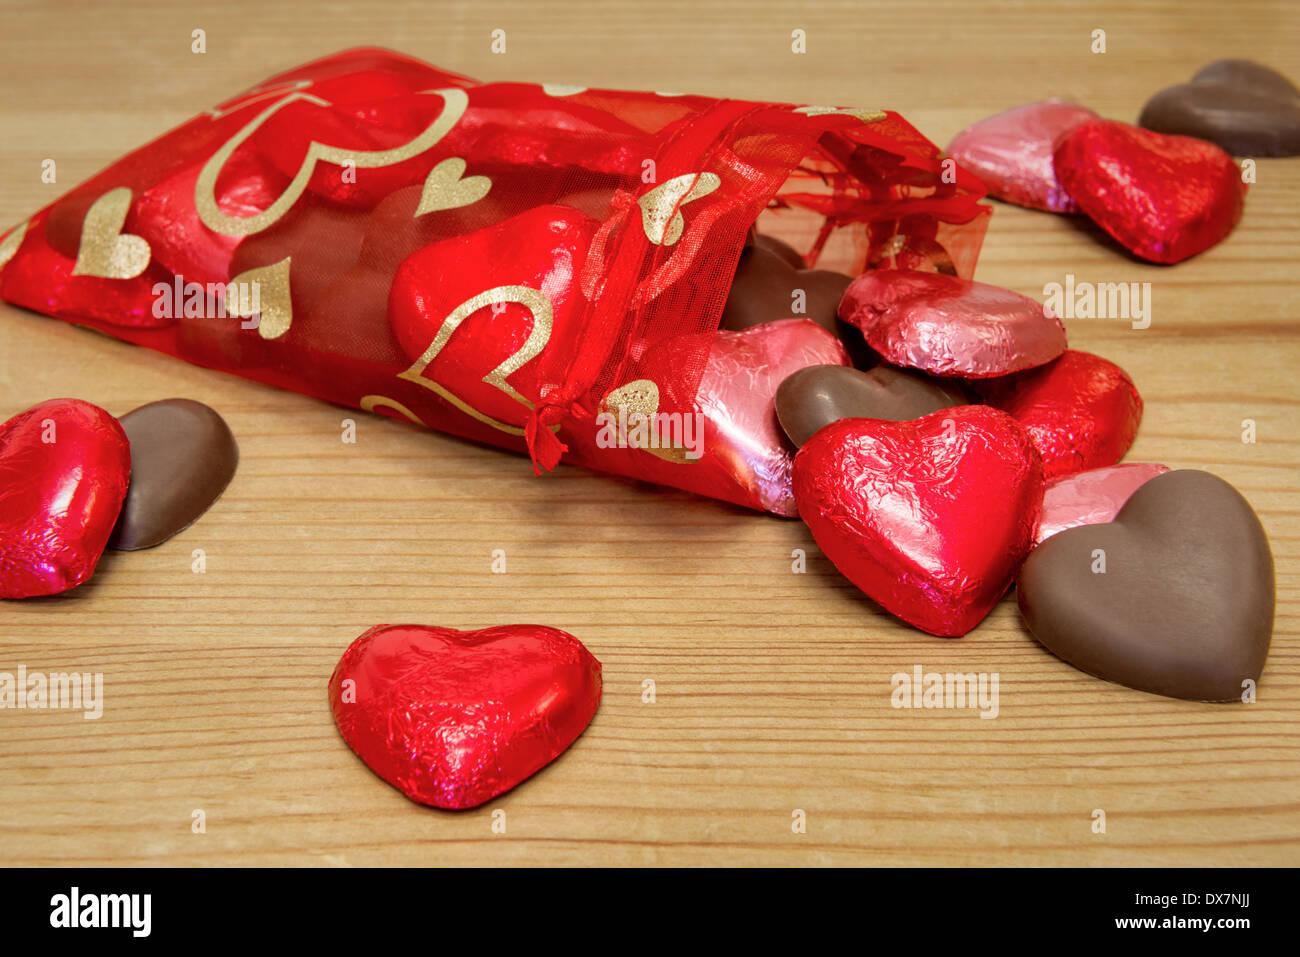 Un sacchetto rosso pieno di a forma di cuore sweetheart cioccolatini riversandosi su di un tavolo di legno. Immagini Stock